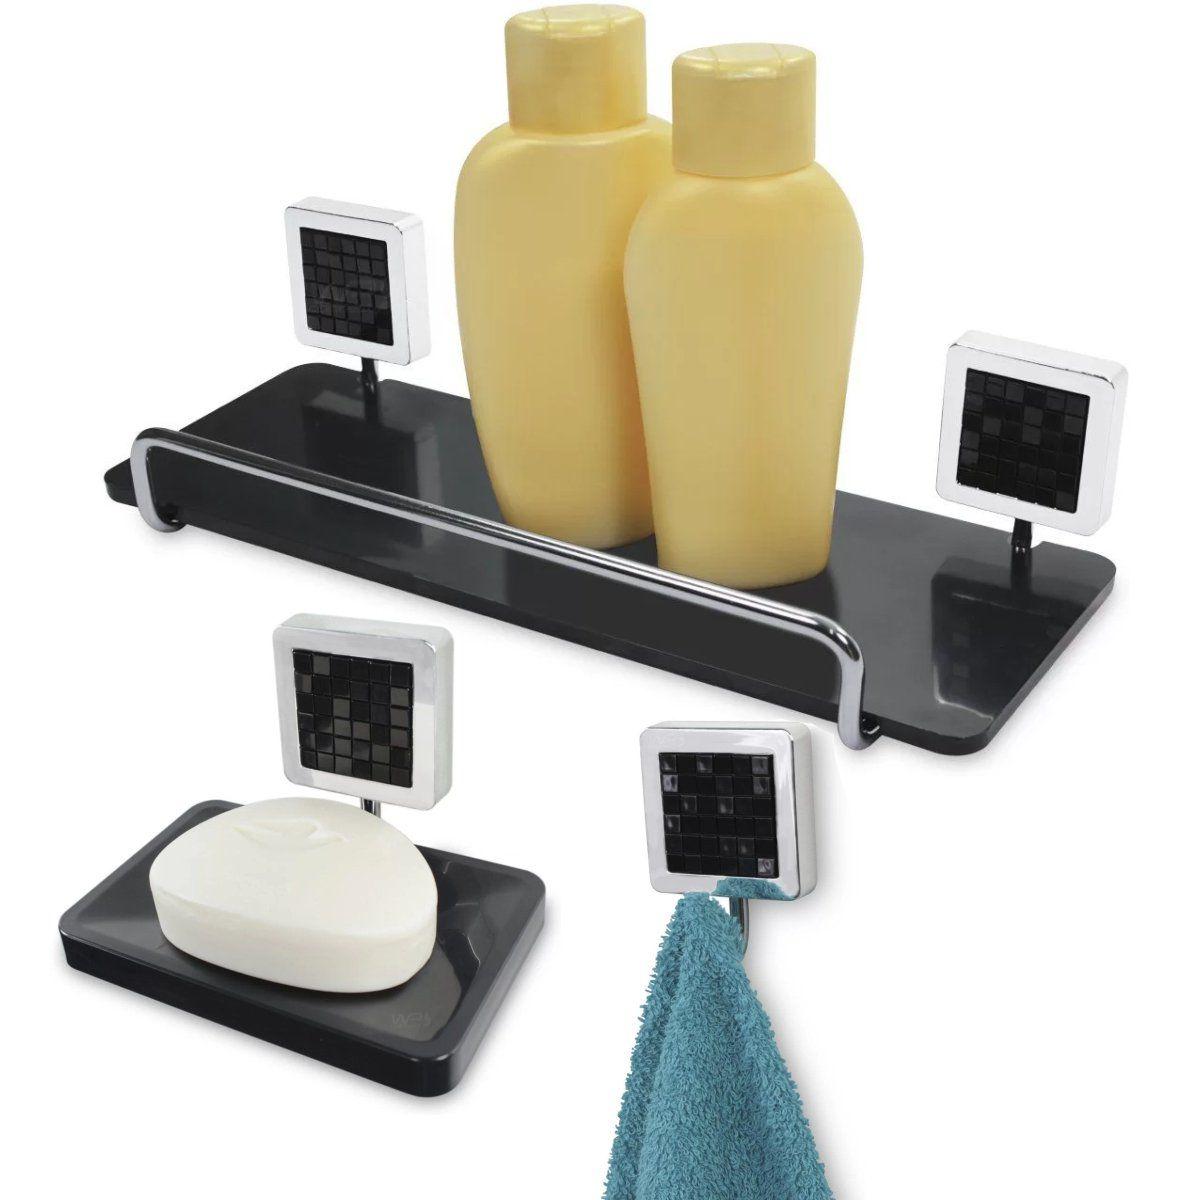 Kit Banheiro Prateleira Para Shampoo Saboneteira Cabide - Preto